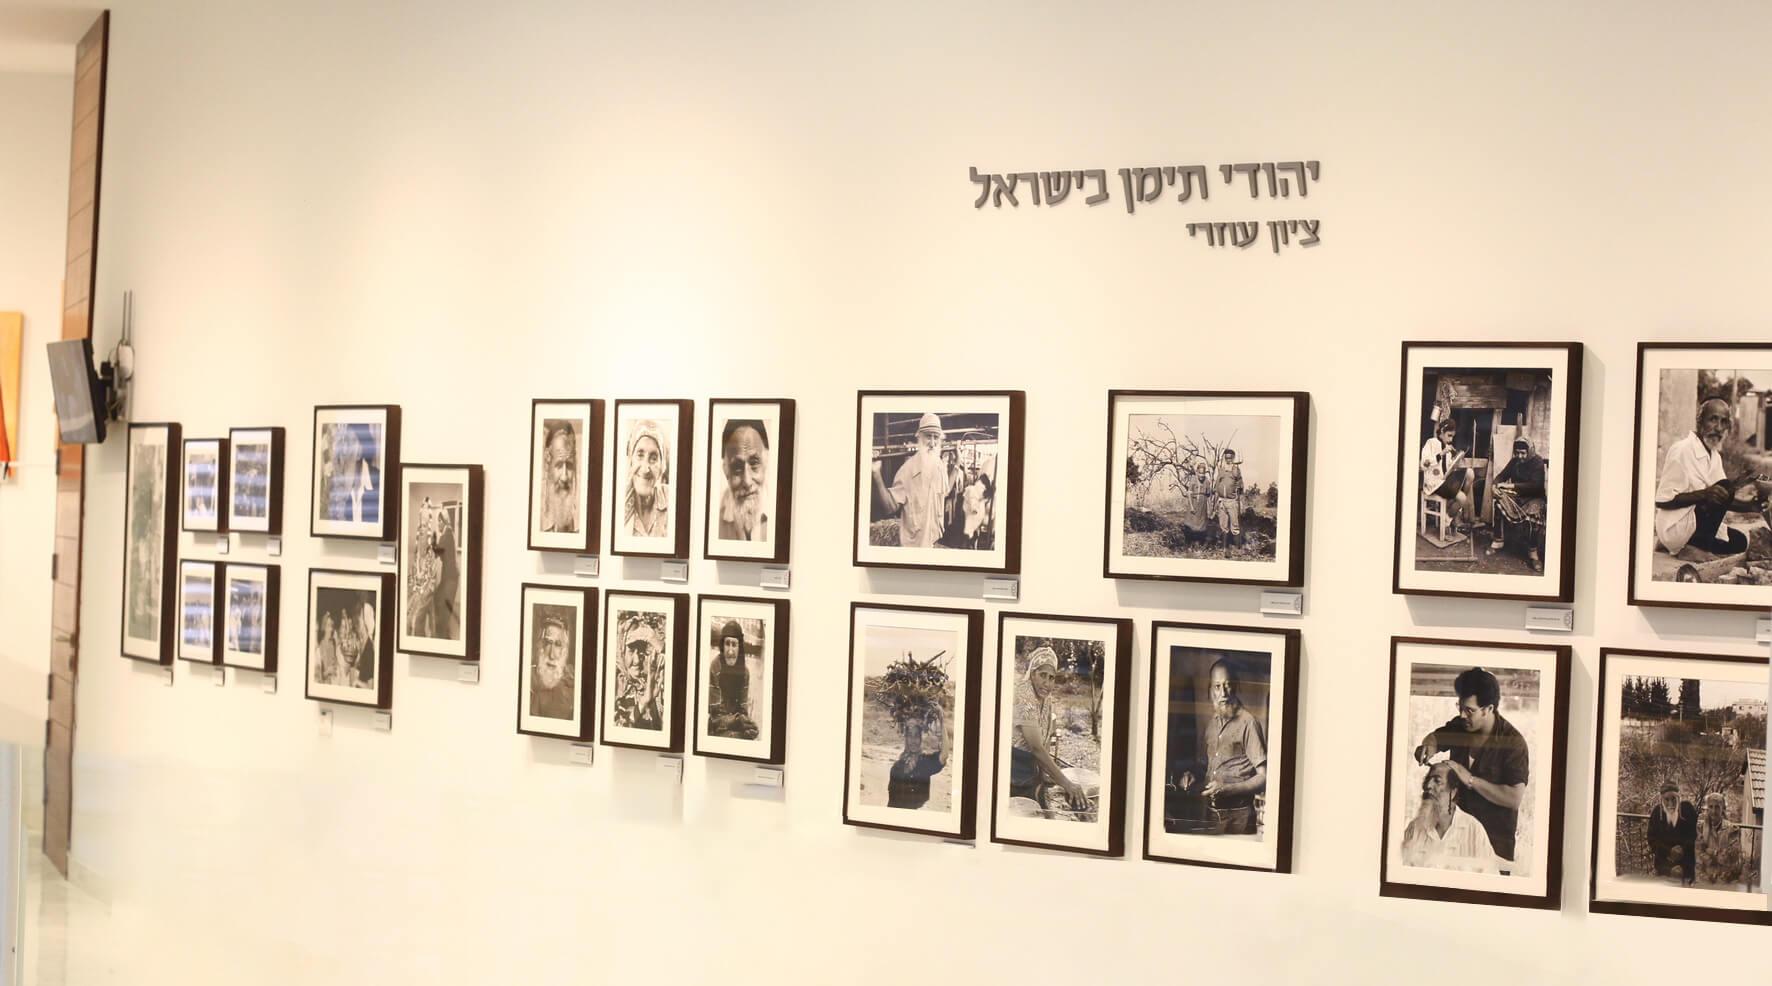 גלריית תמונות יהודי תימן בישראל